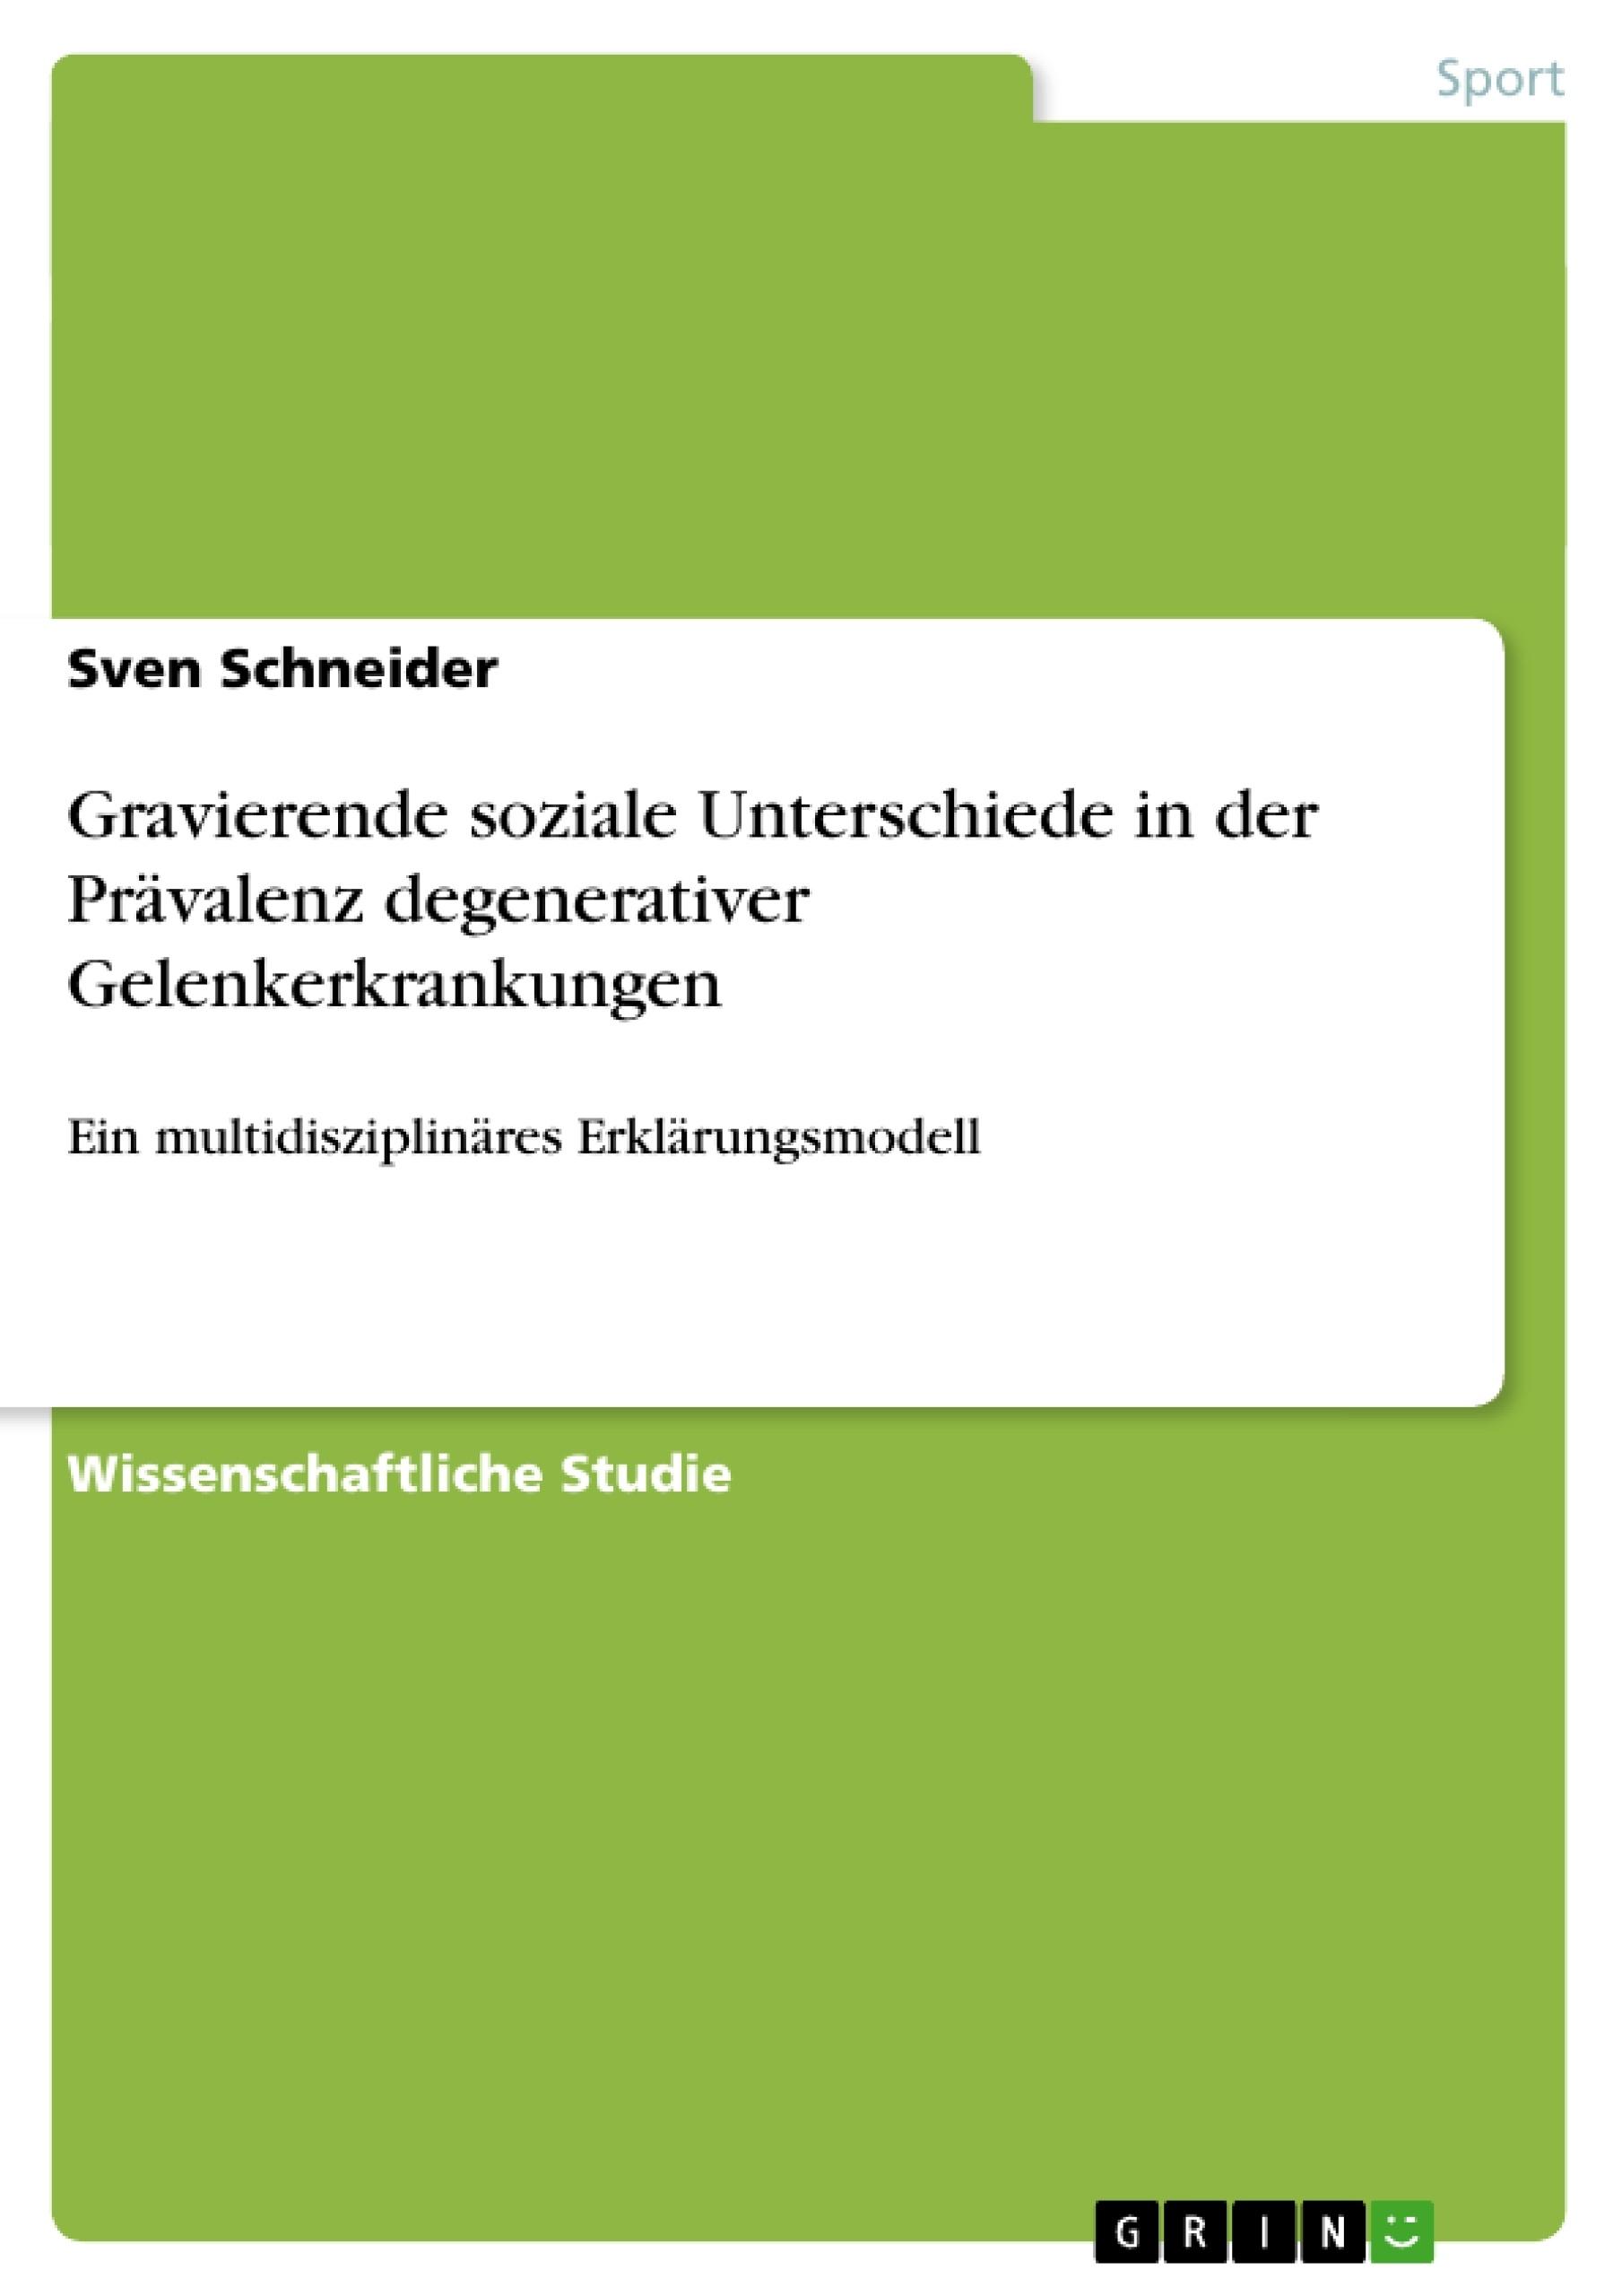 Titel: Gravierende soziale Unterschiede in der Prävalenz degenerativer Gelenkerkrankungen